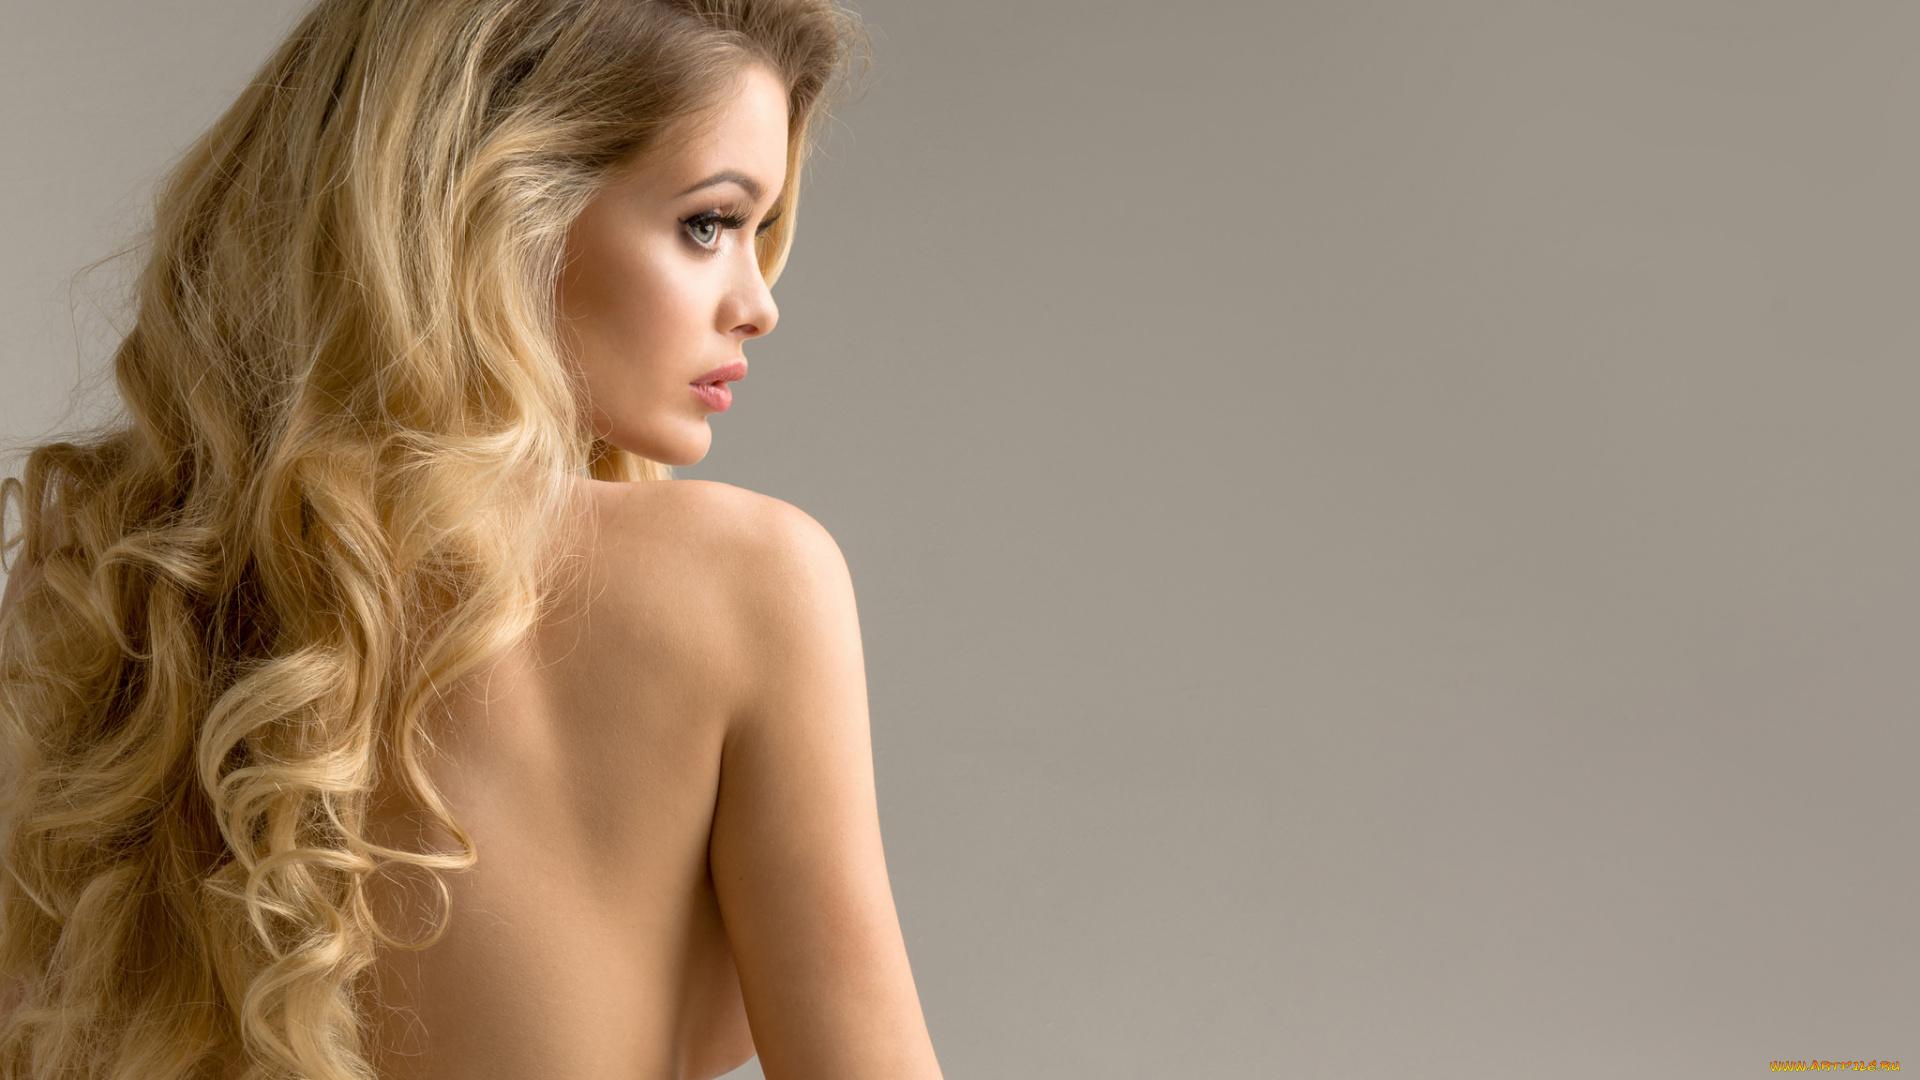 Смотреть слайд шоу голых девушек, Порно фото слайд шоу 10 фотография